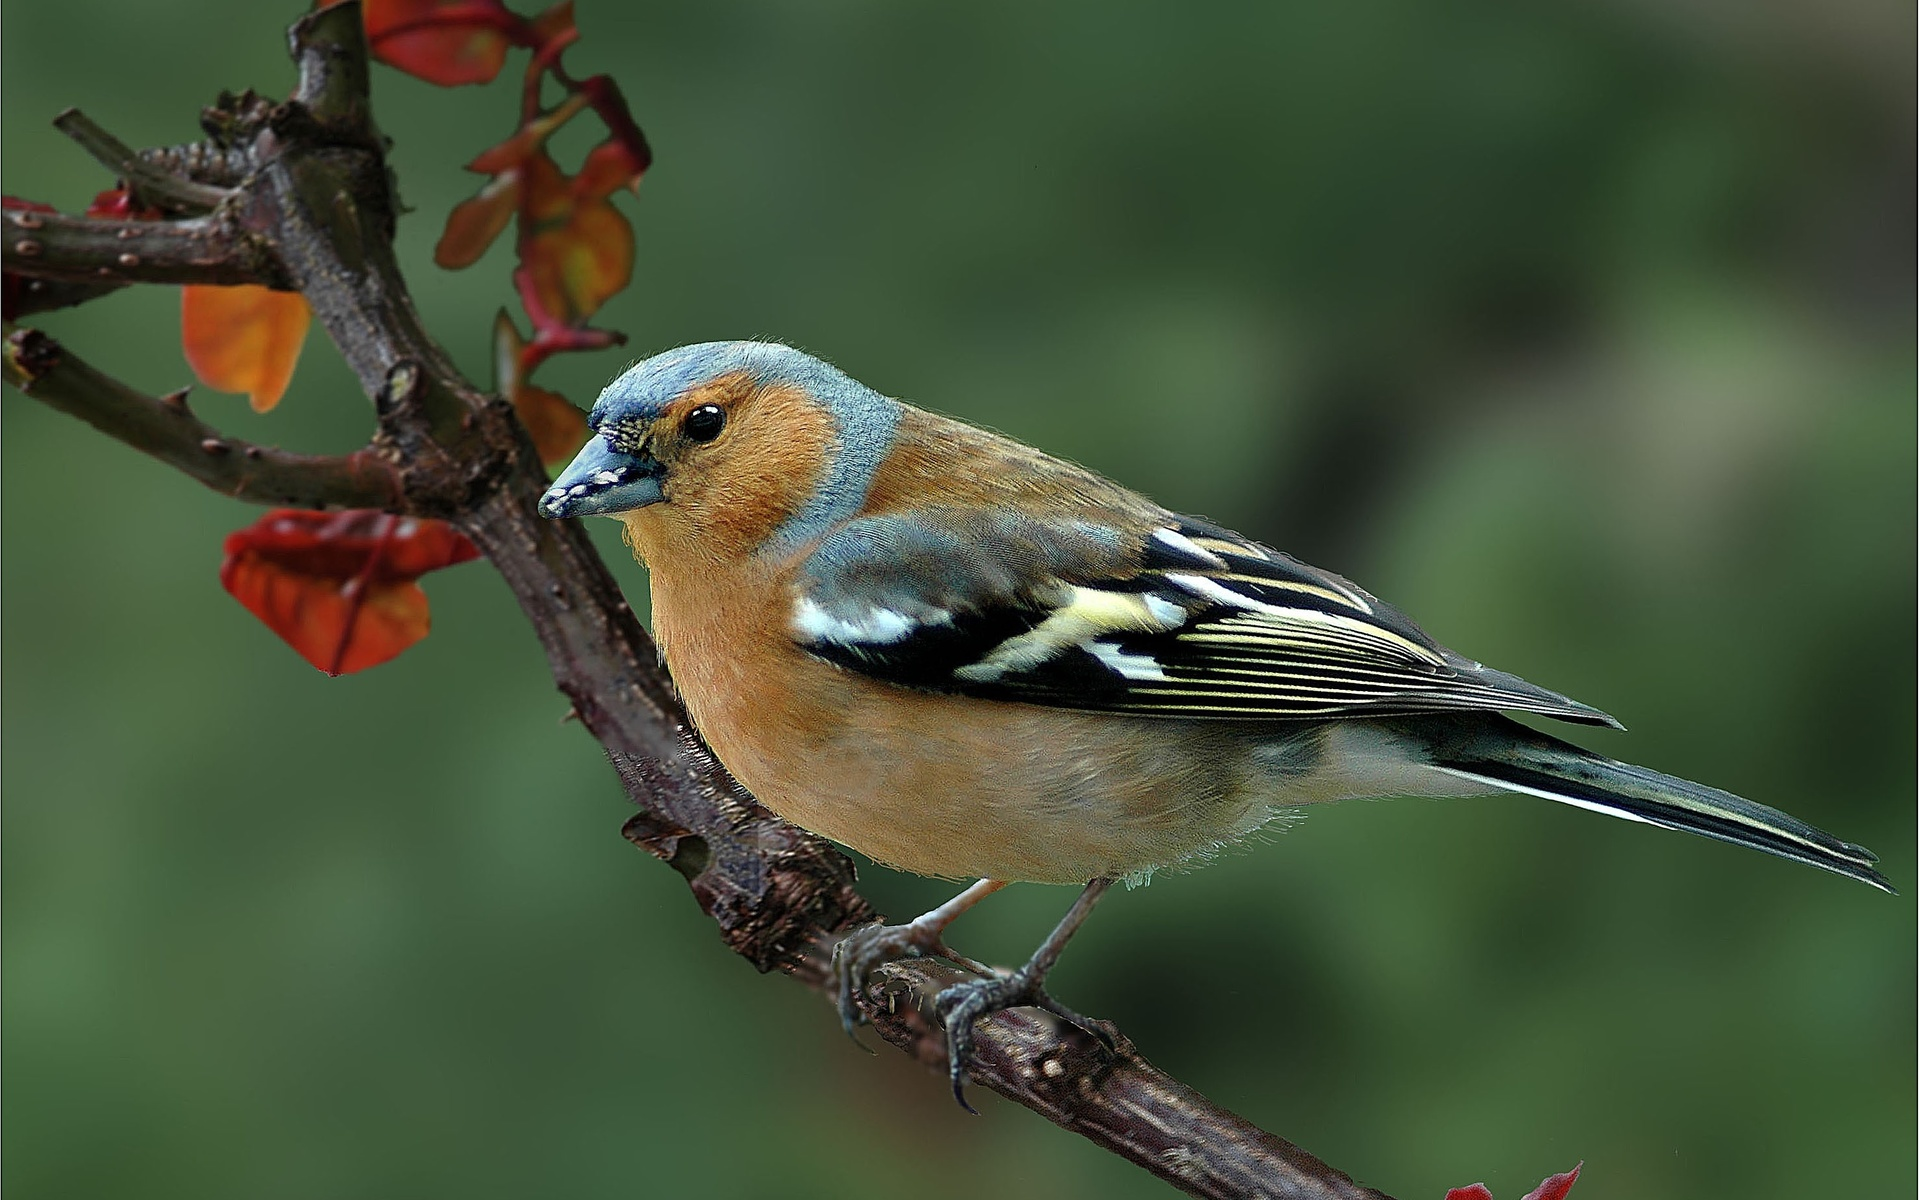 сожалению, изображение птиц на фото картинках раньше нее делали